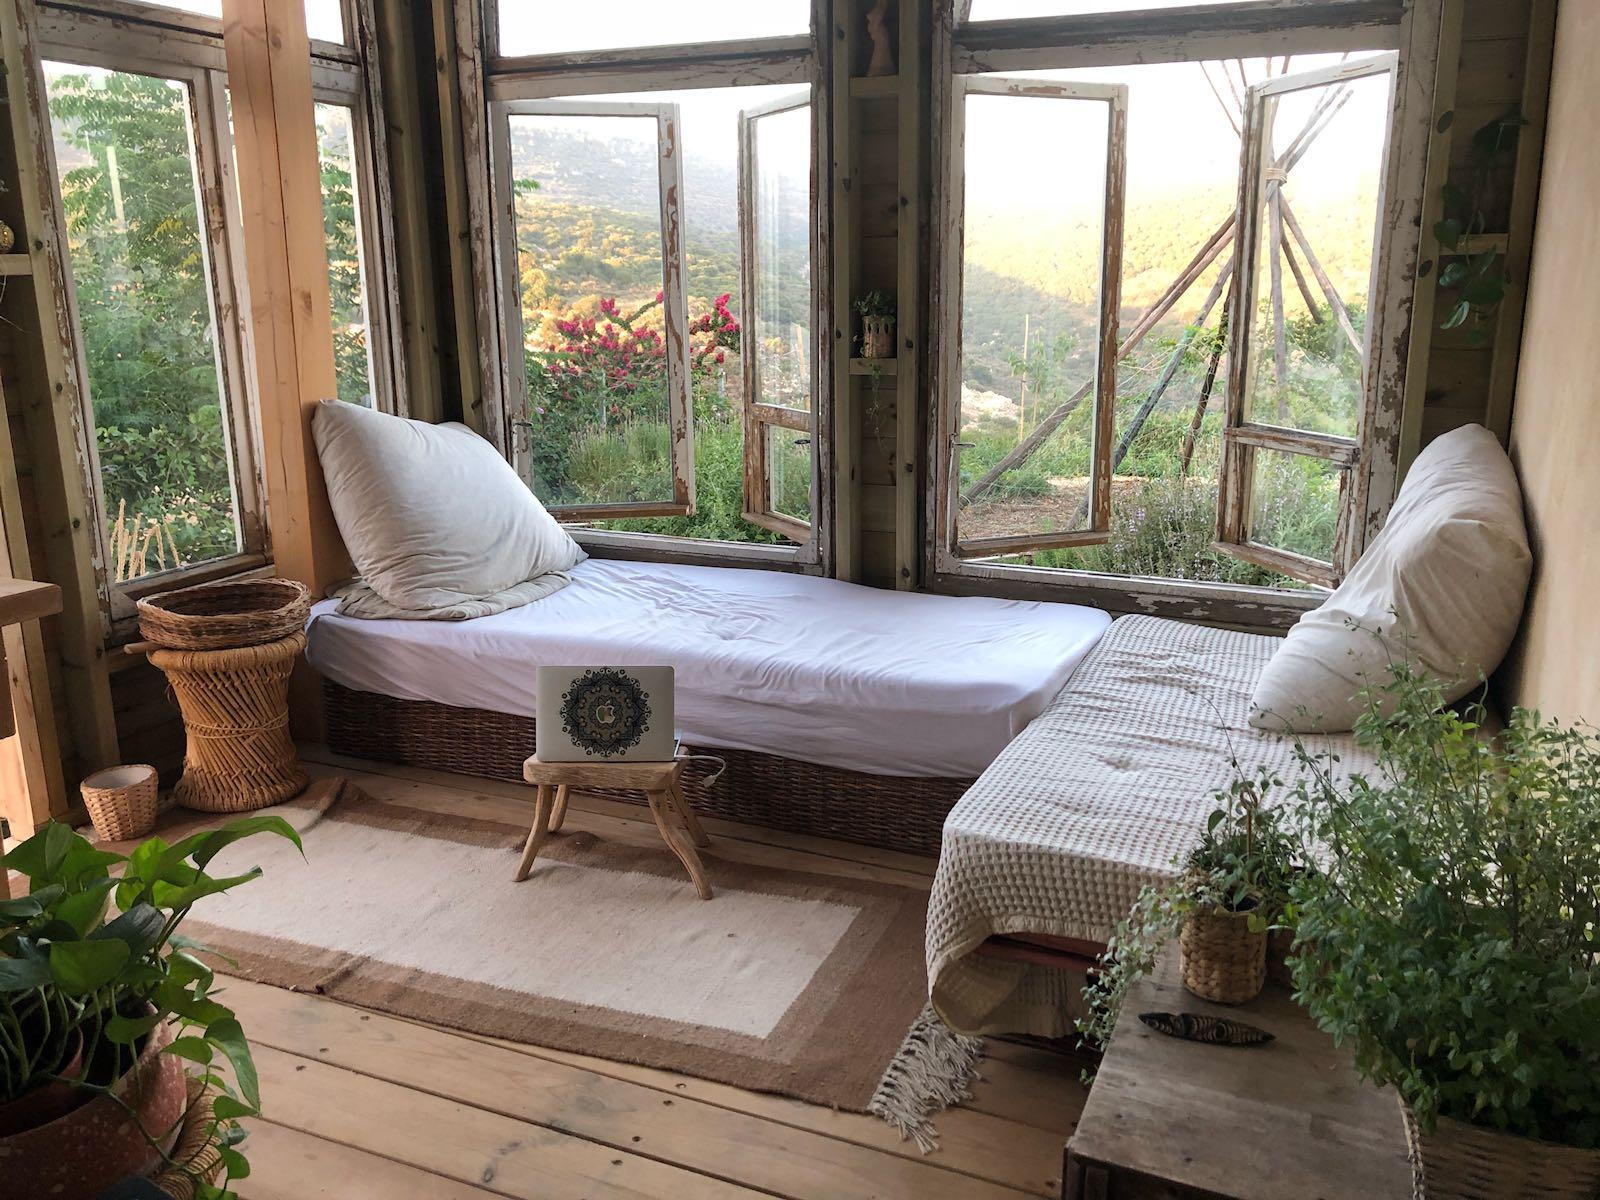 חלונות עתיקים בחדר אירוח